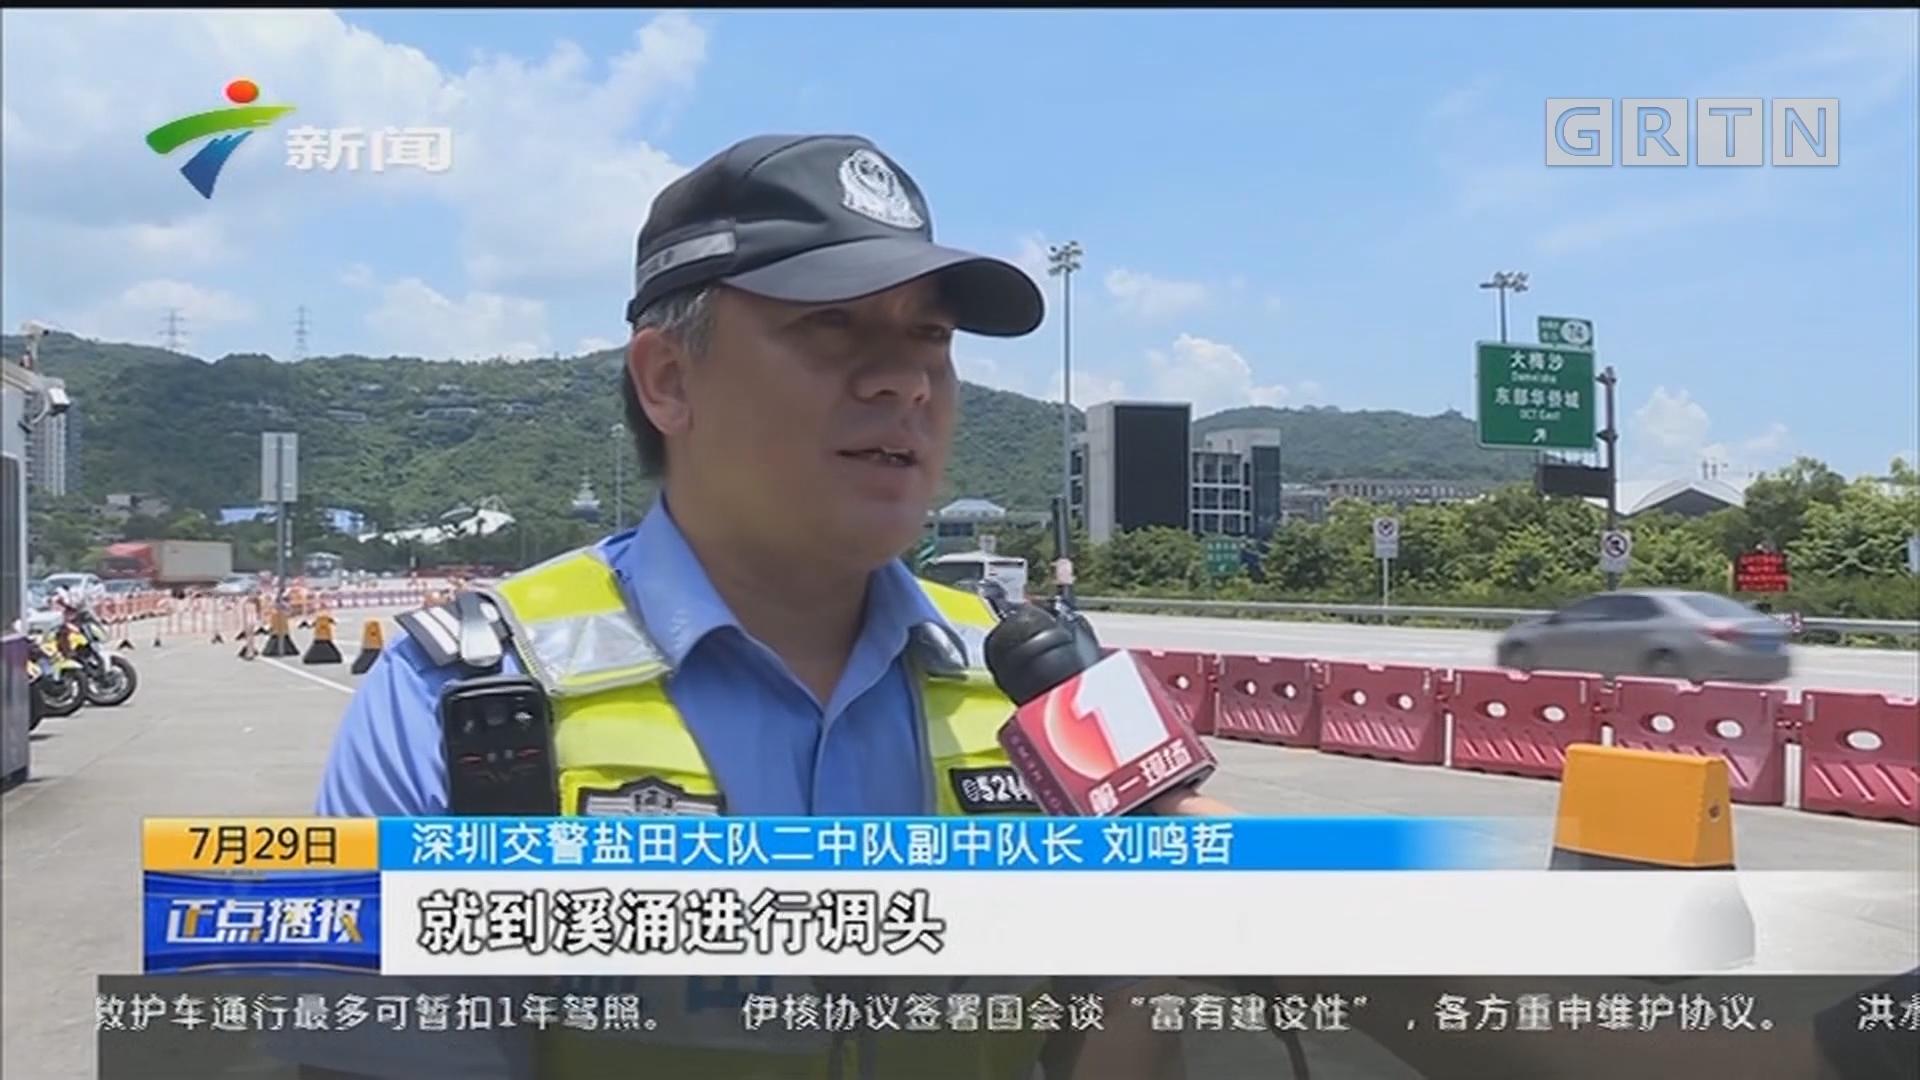 深圳:自驾深圳东部海滨景区需预约 8月起开罚